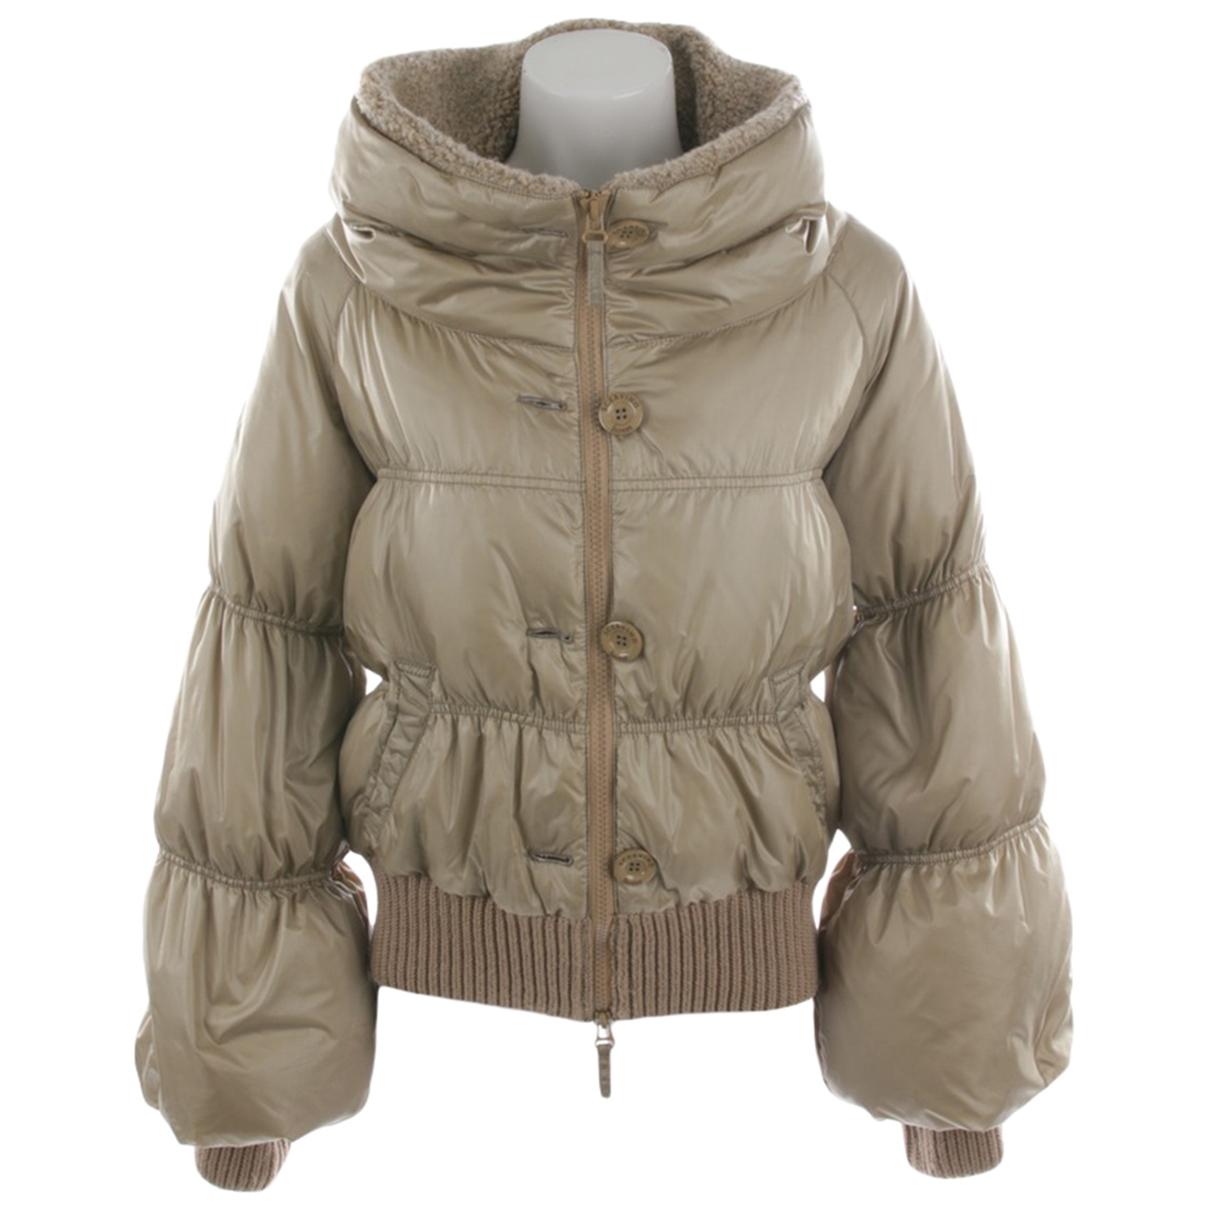 Ermanno Scervino \N Beige jacket for Women 36 FR